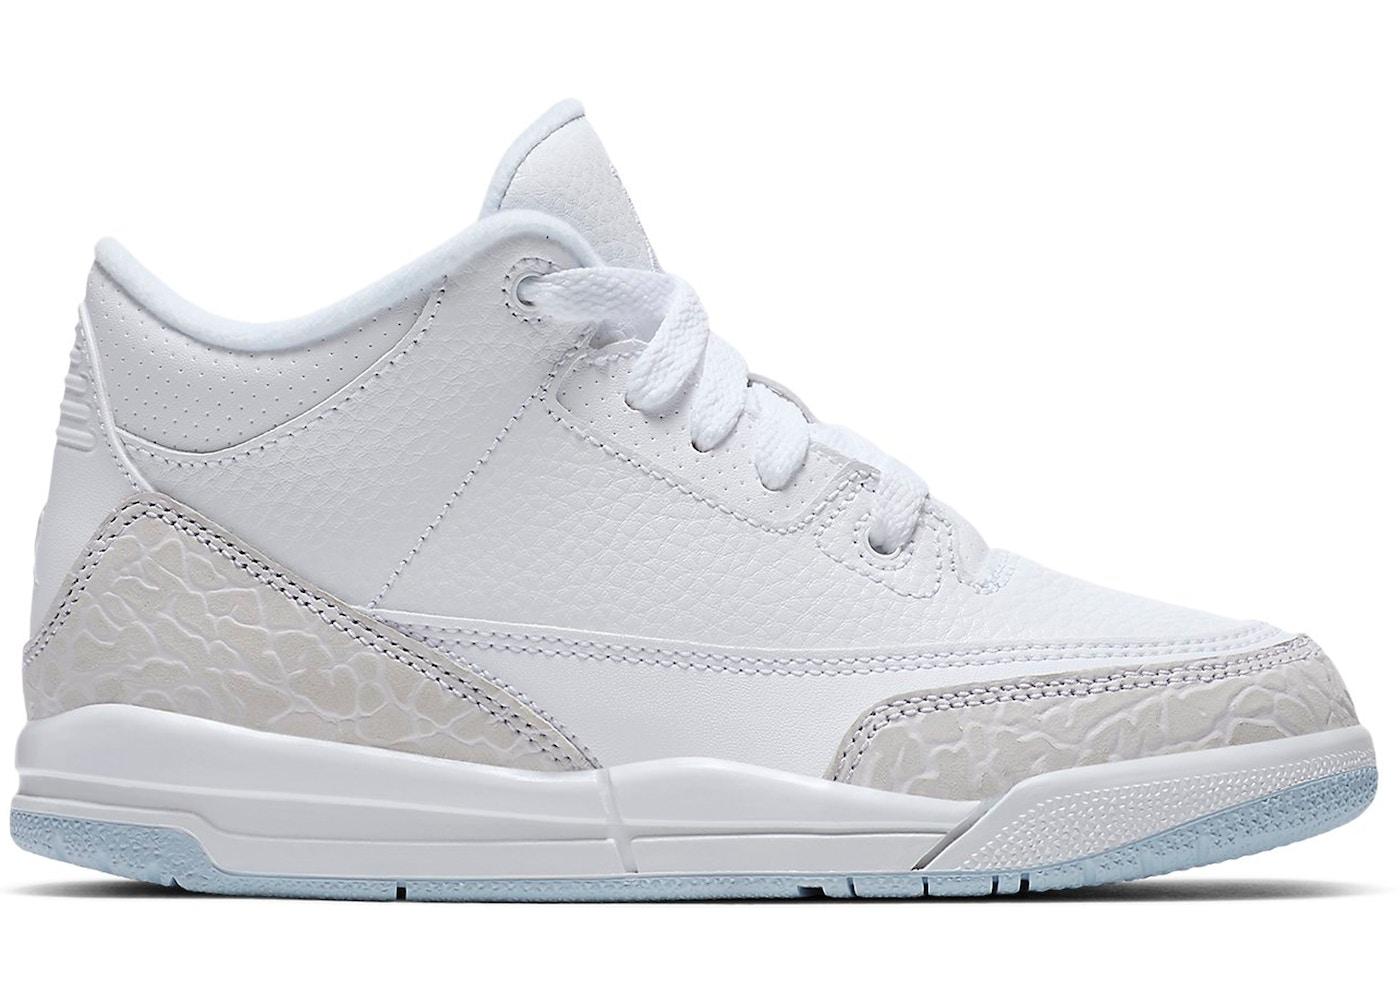 torta abortire solco  Jordan 3 Retro Pure White 2018 (PS) - 429487-111